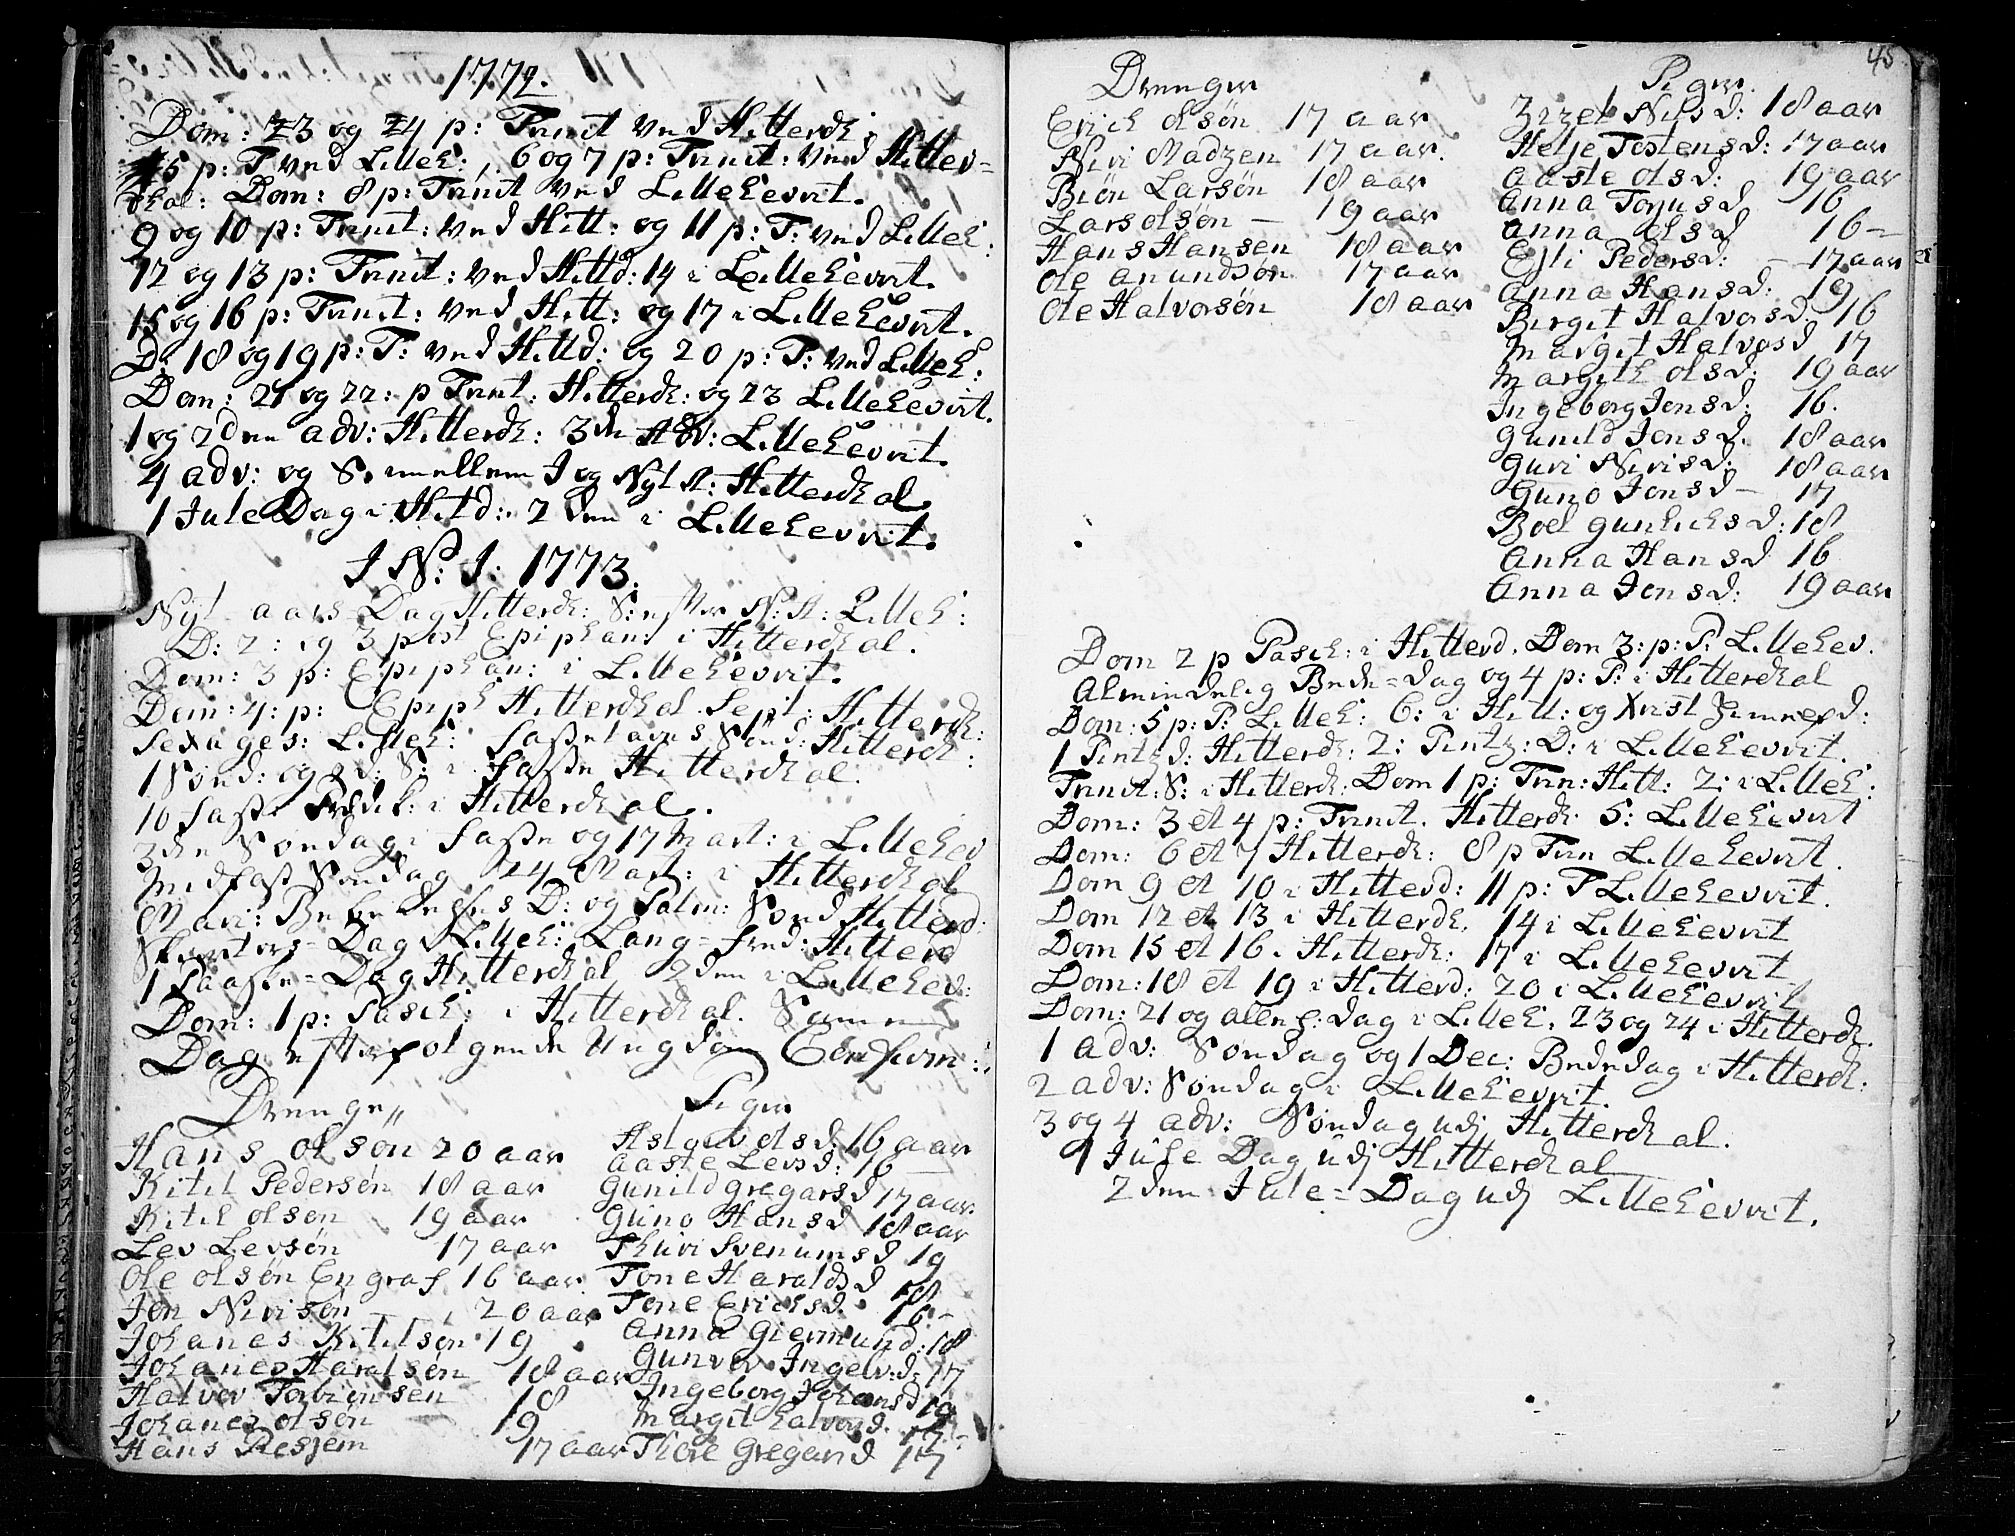 SAKO, Heddal kirkebøker, F/Fa/L0003: Ministerialbok nr. I 3, 1723-1783, s. 45